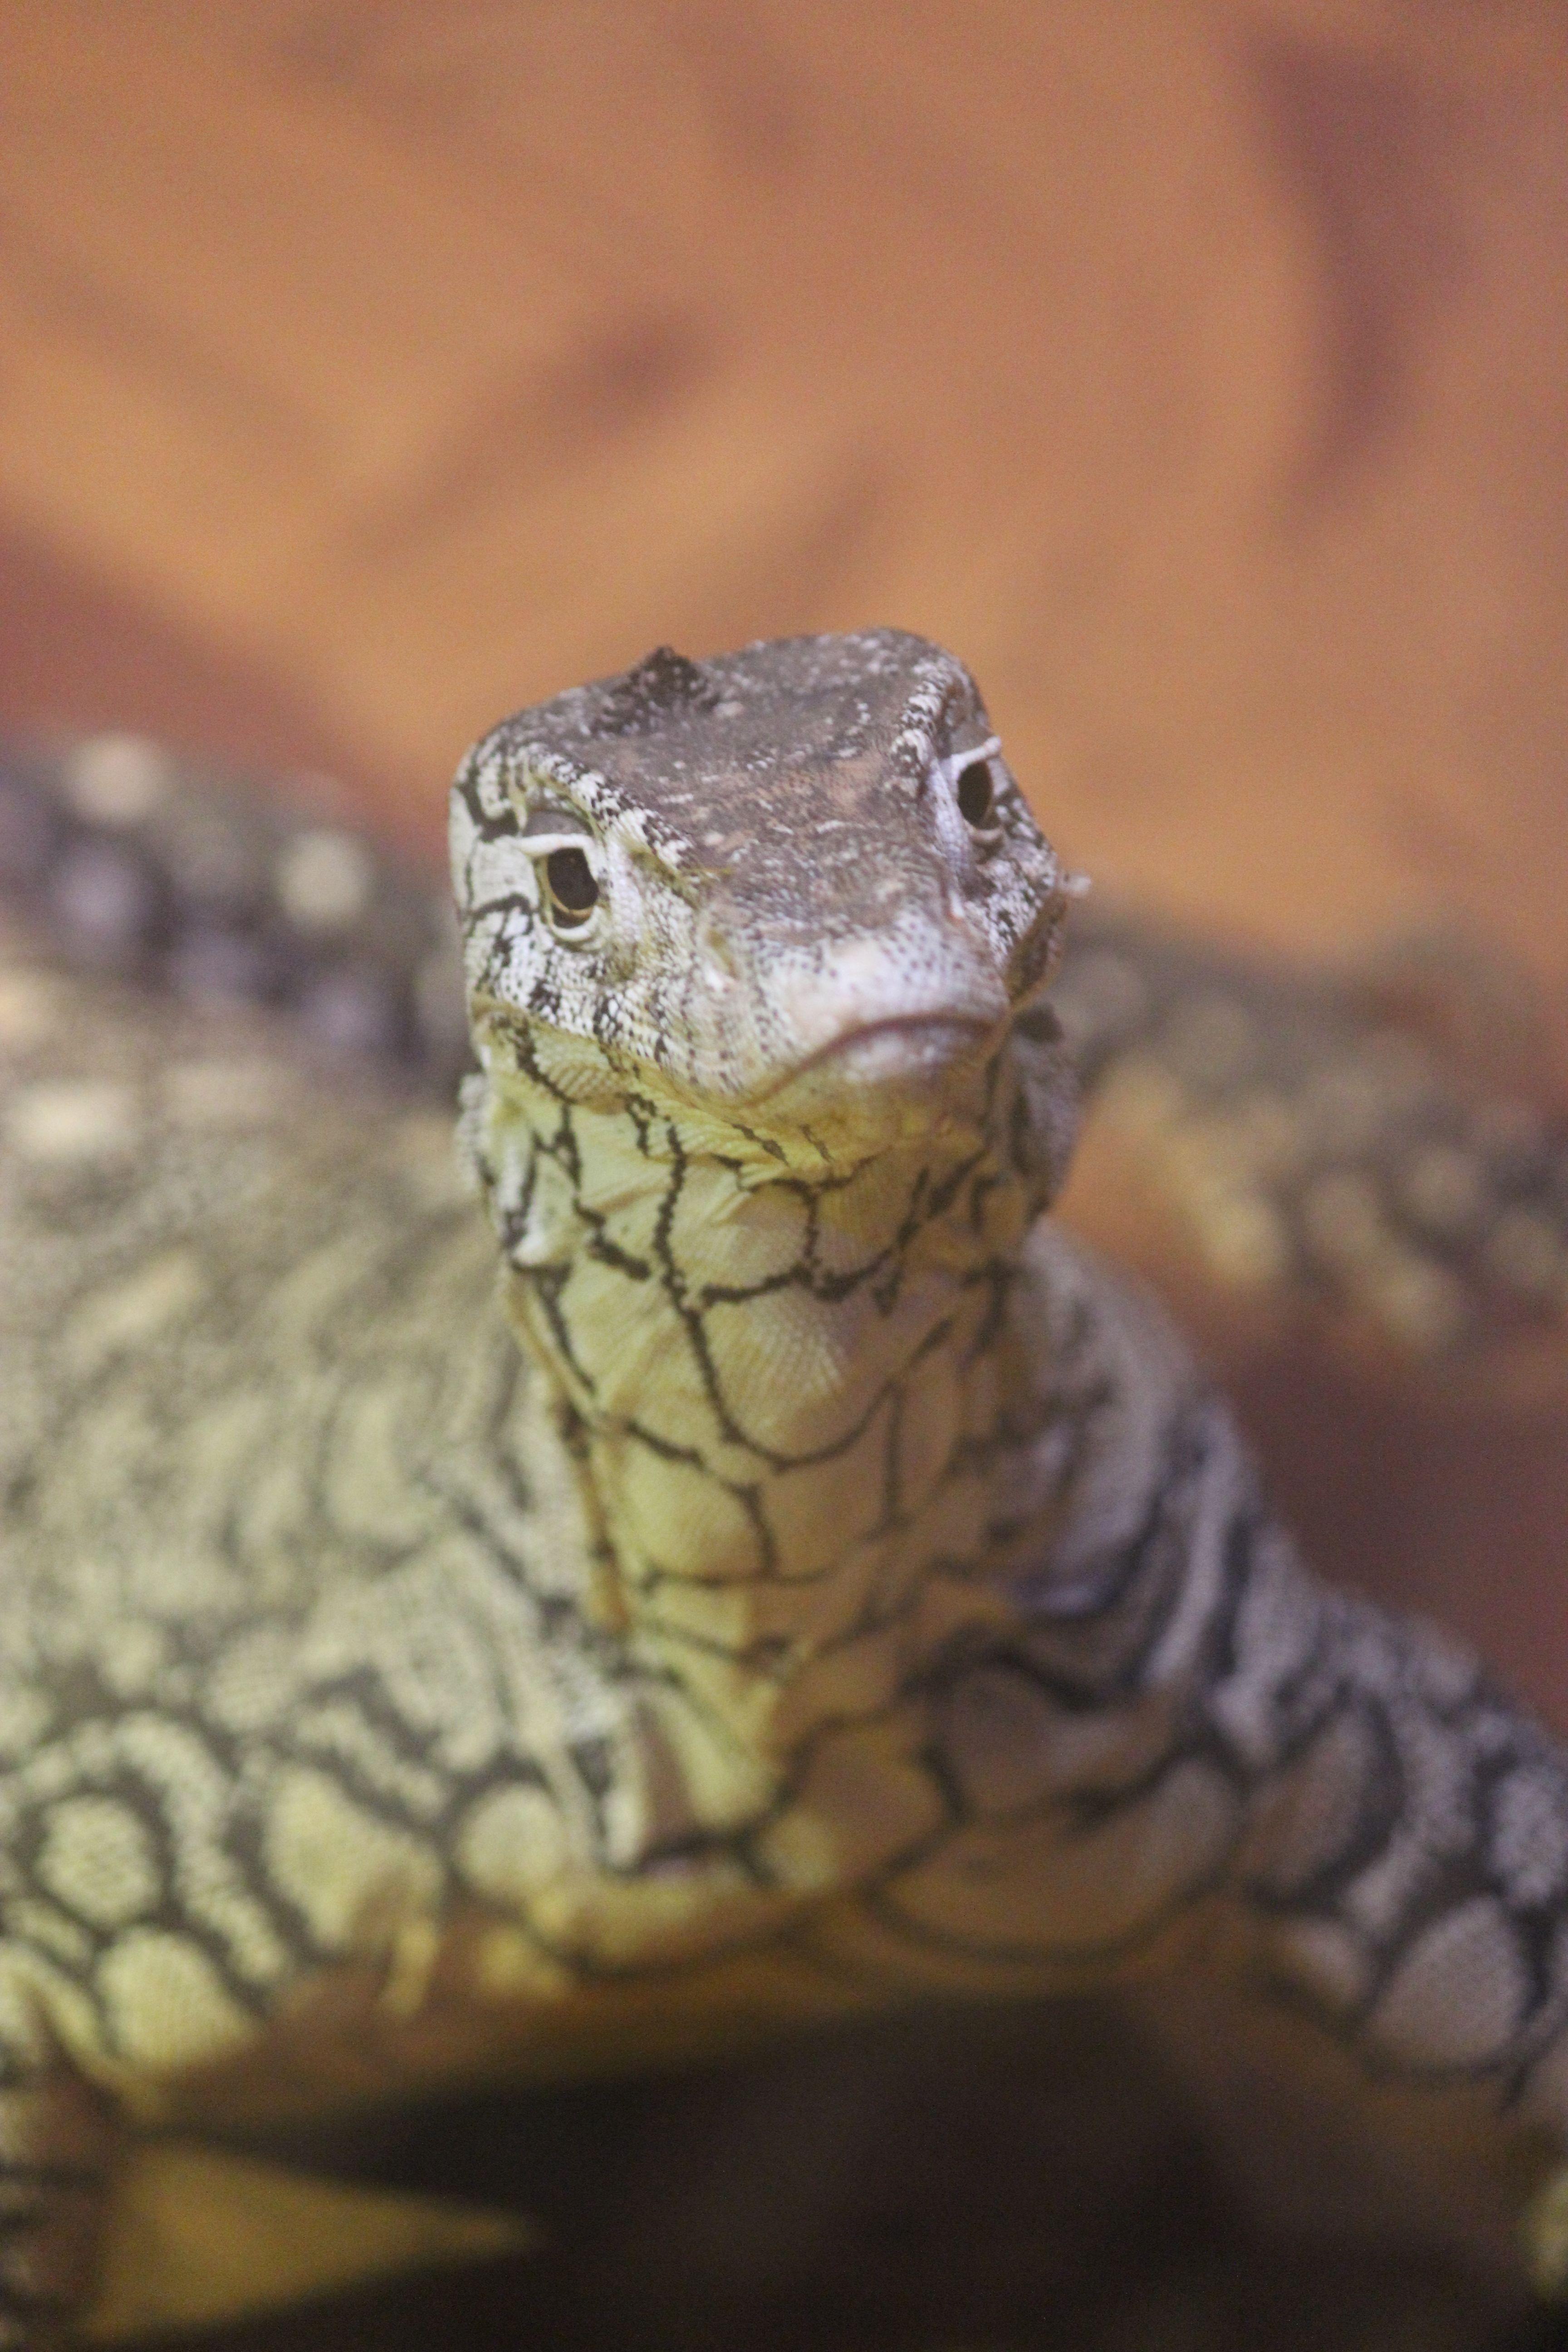 Lace Monitor Australian Reptile Park, Australia NSW